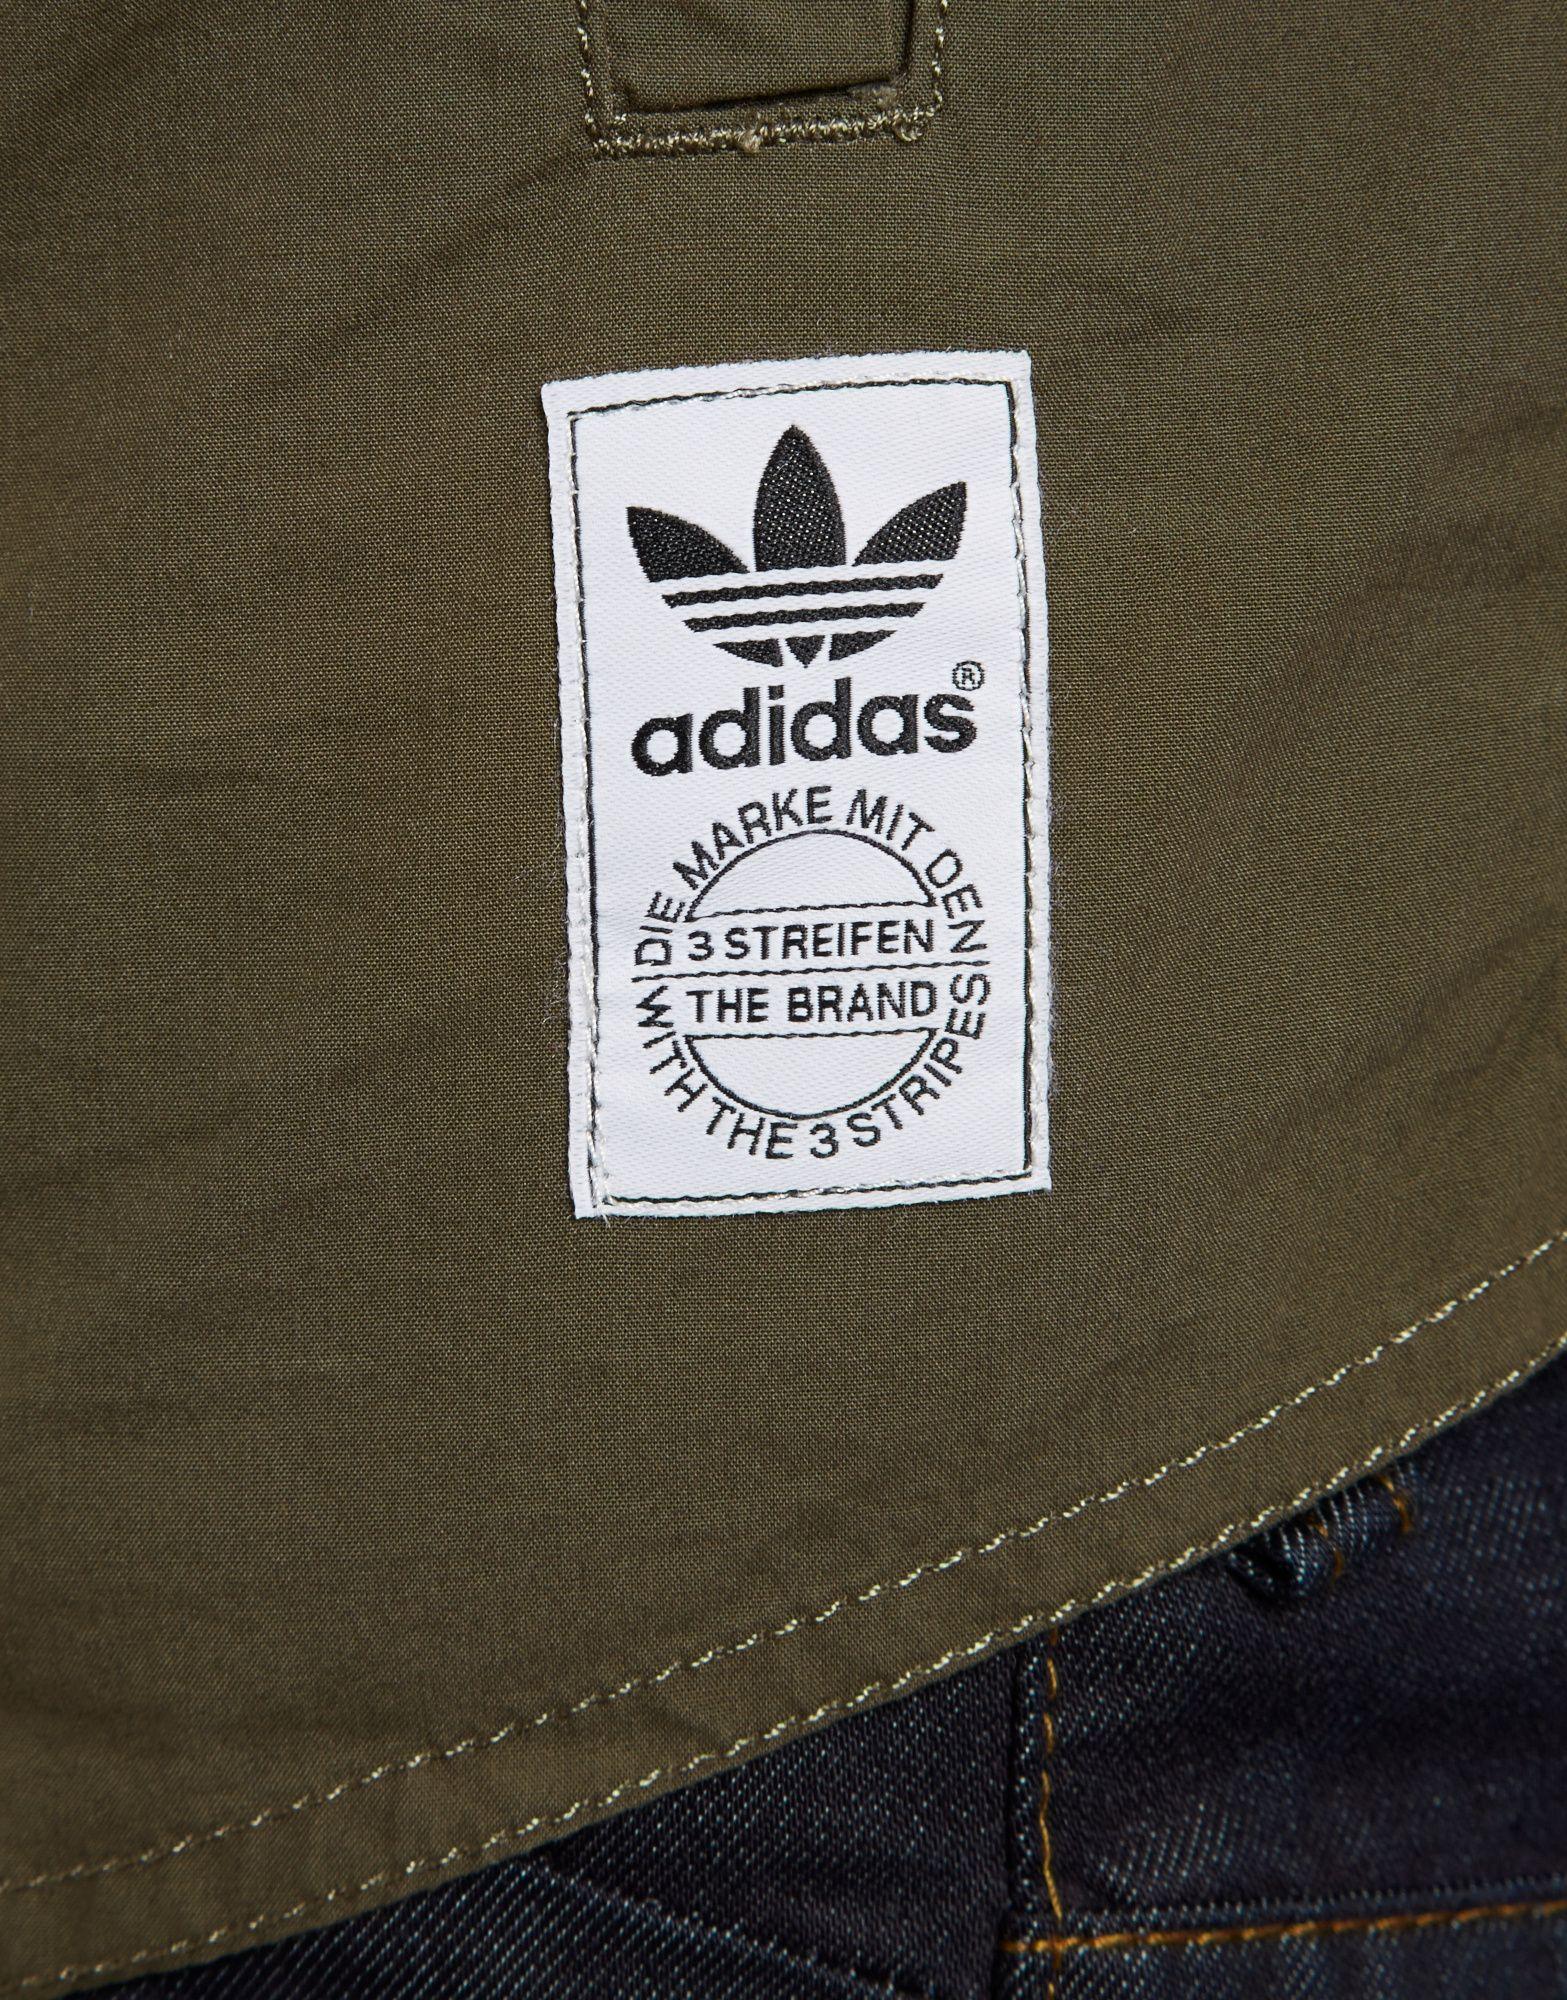 adidas Originals Cuff Band Long Sleeve Shirt